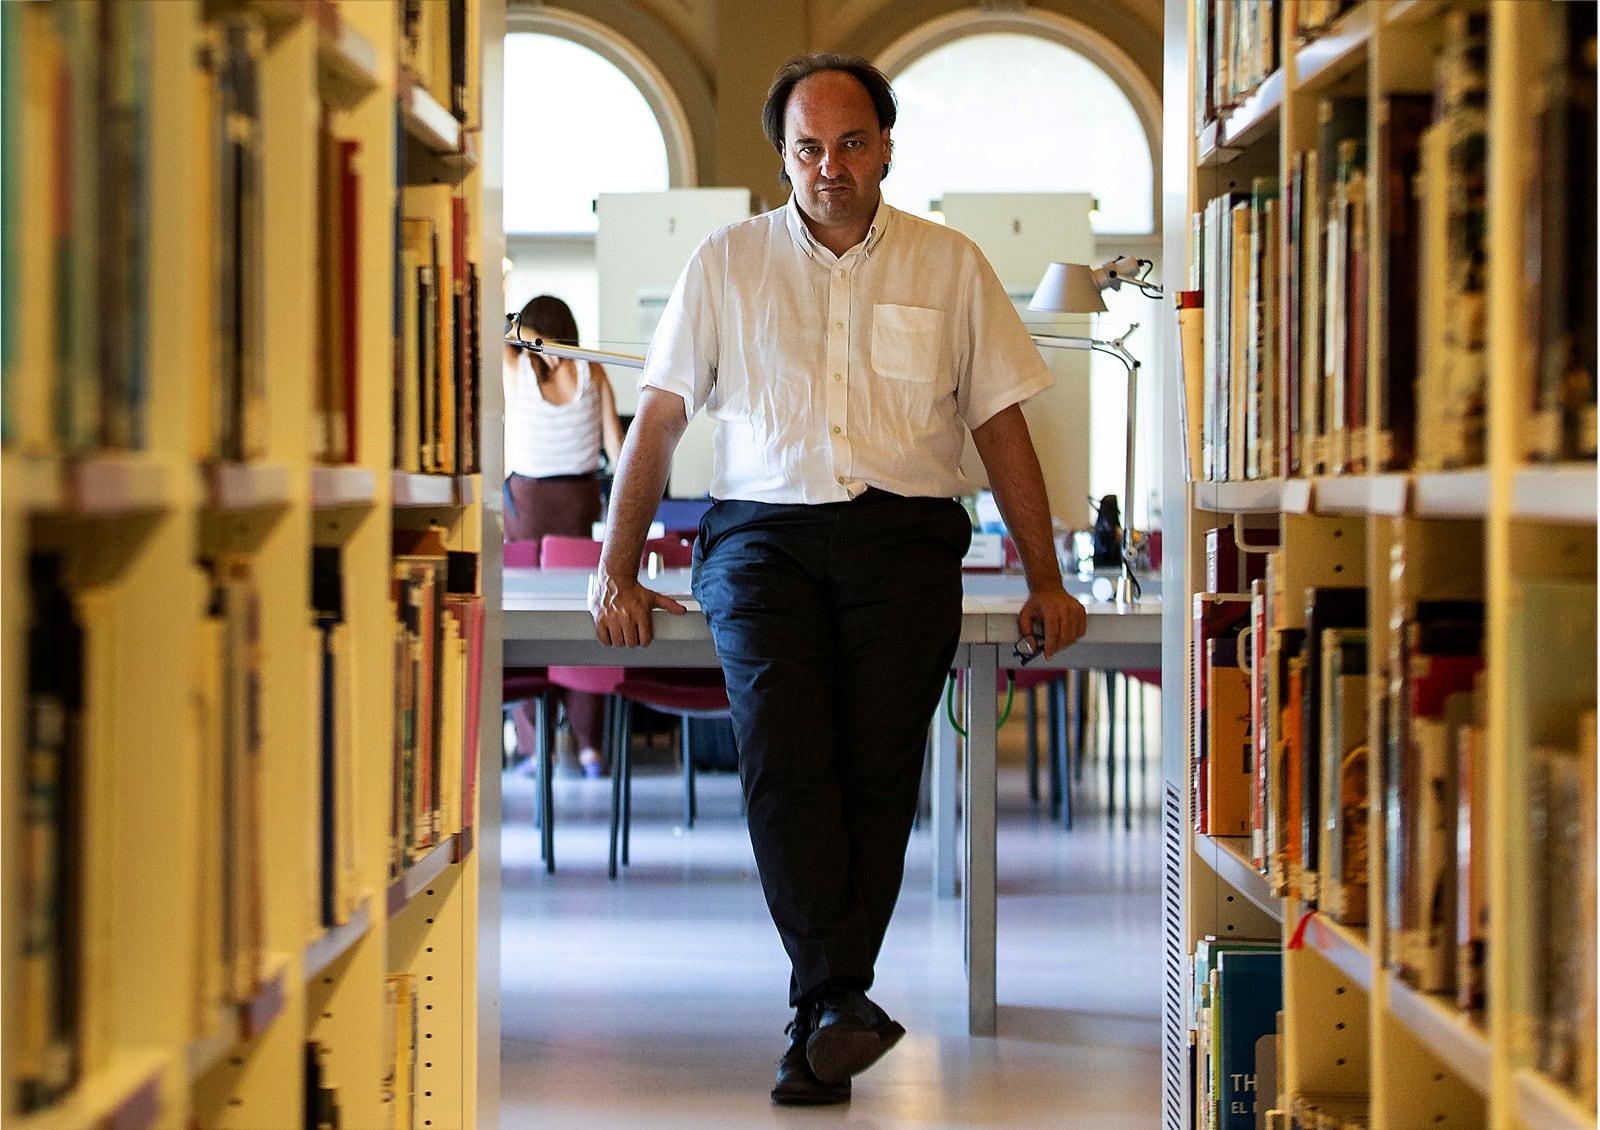 El director del MNAC, Pepe Serra, retratat al Museu. Fotografia d'Enric Fontcuberta. Efe.